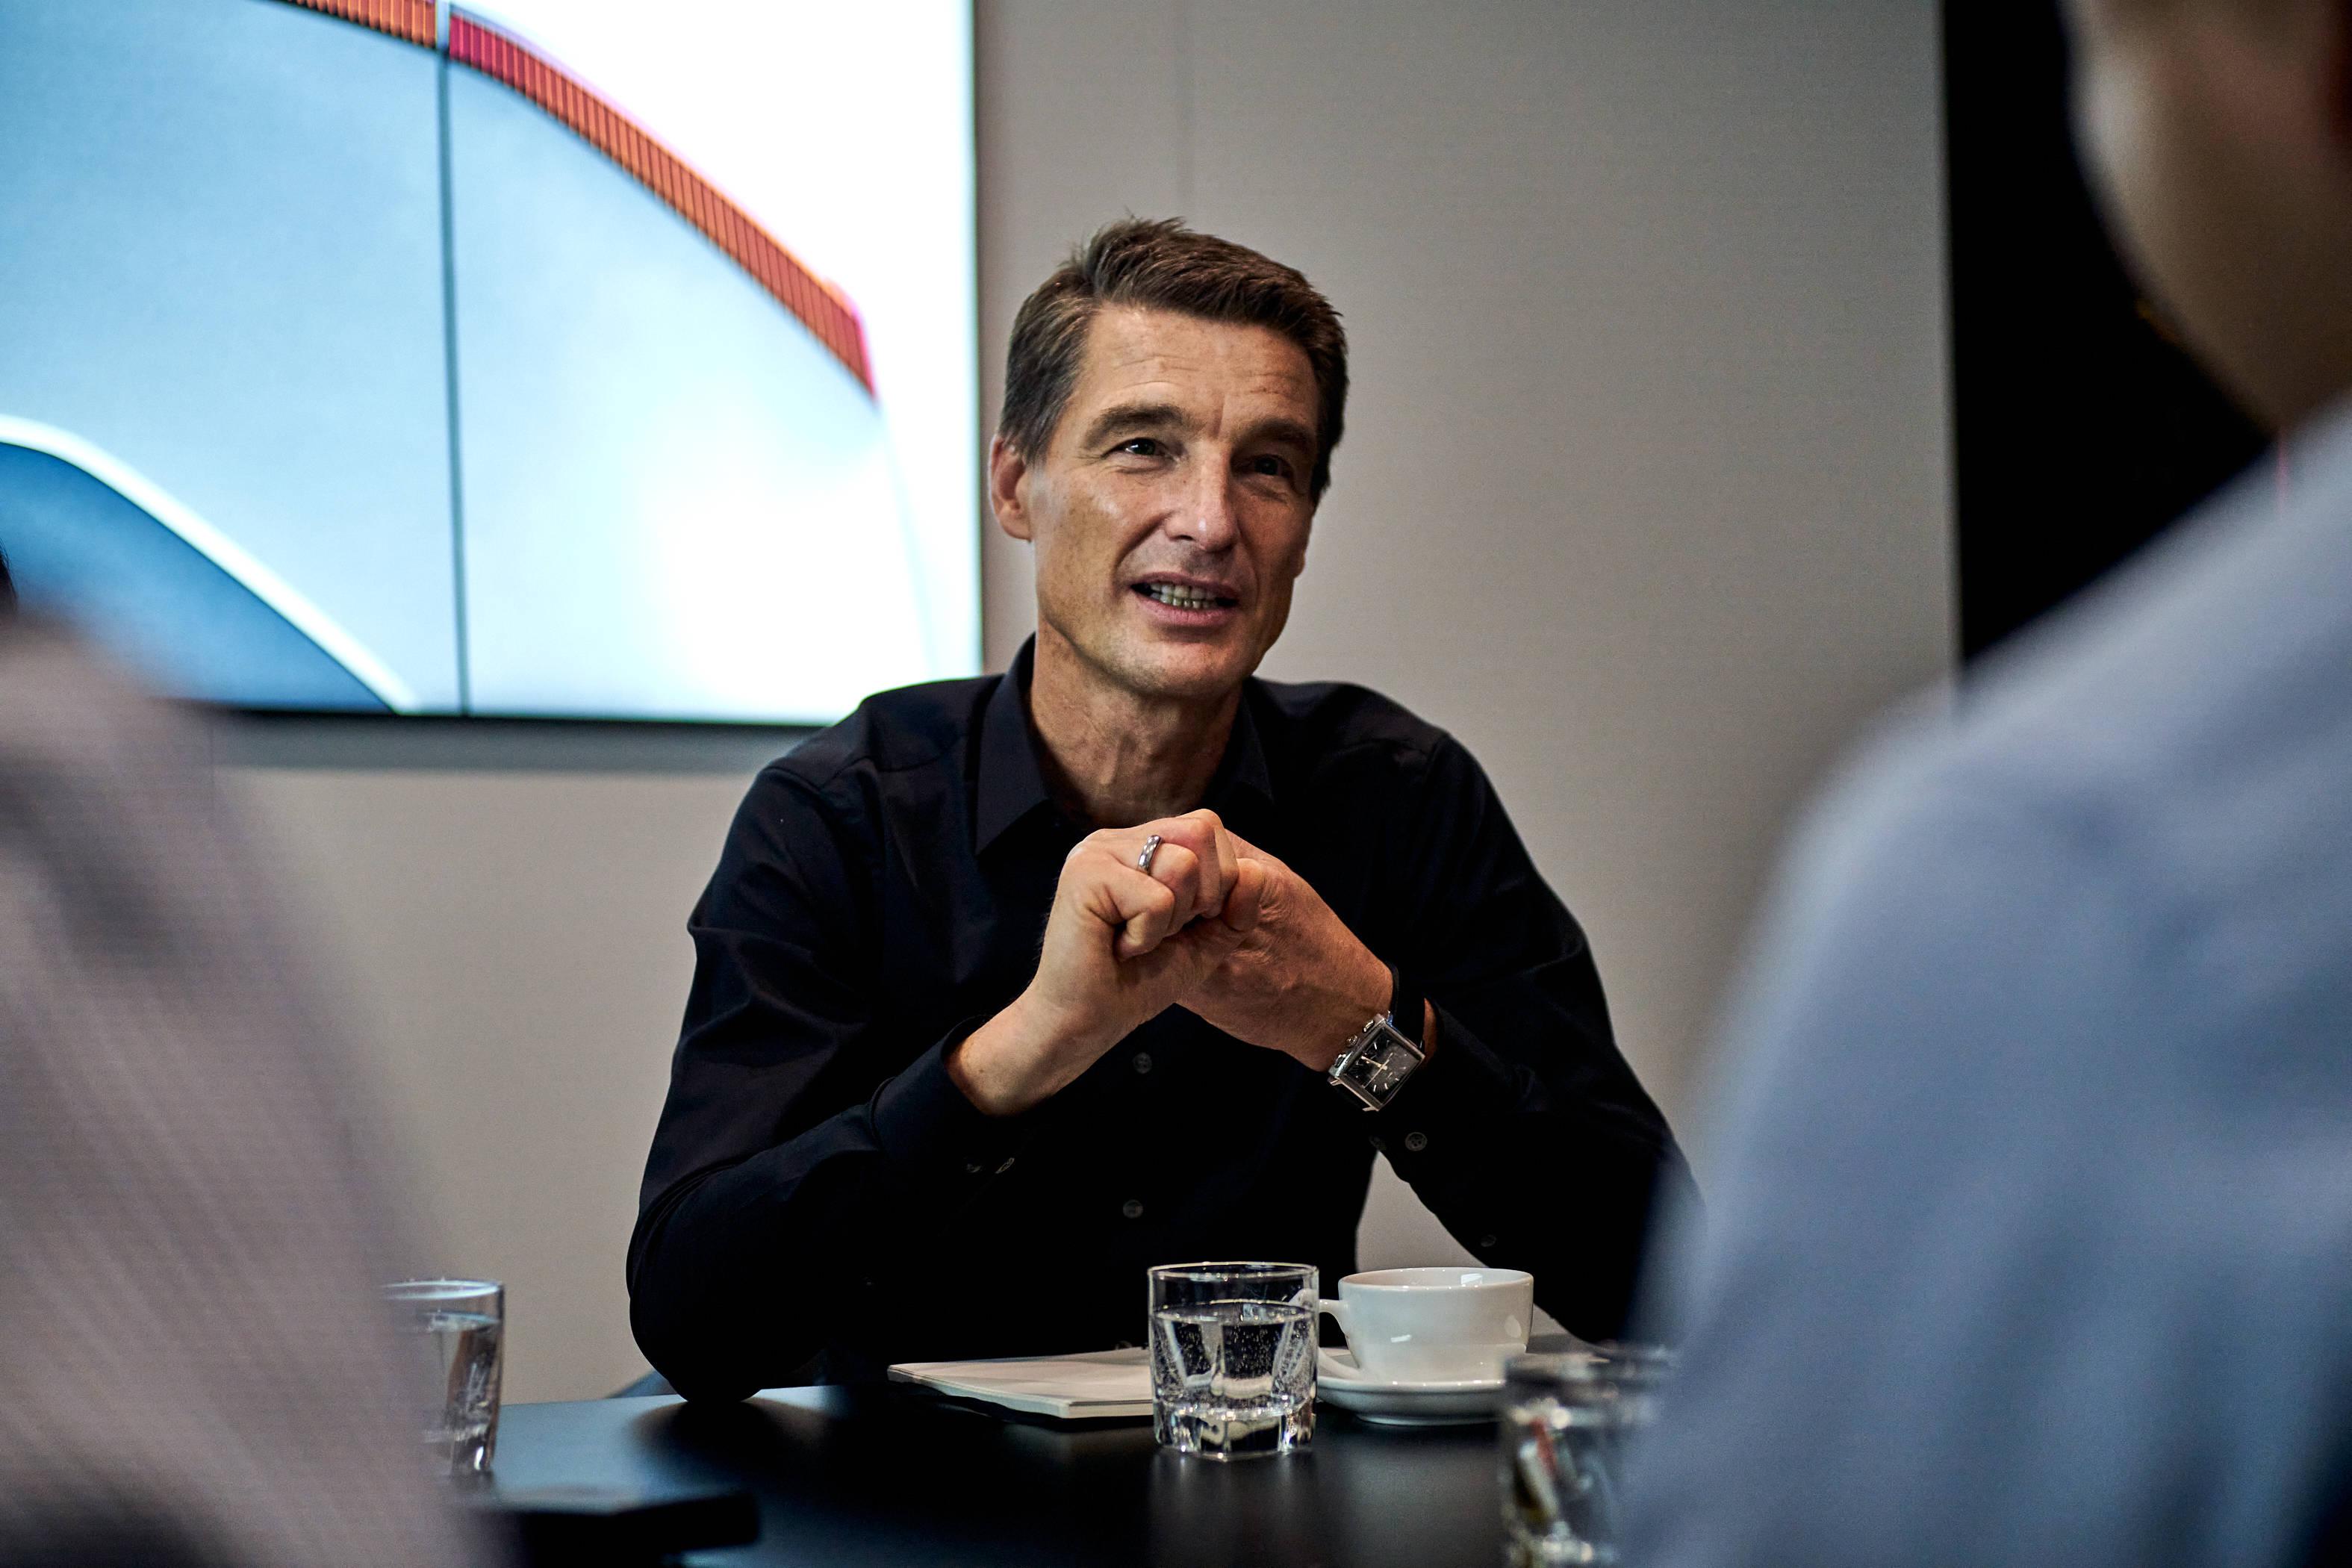 对话⑨|极星寰球CEO托马斯:心愿一夜赶超特斯拉的归天太机动